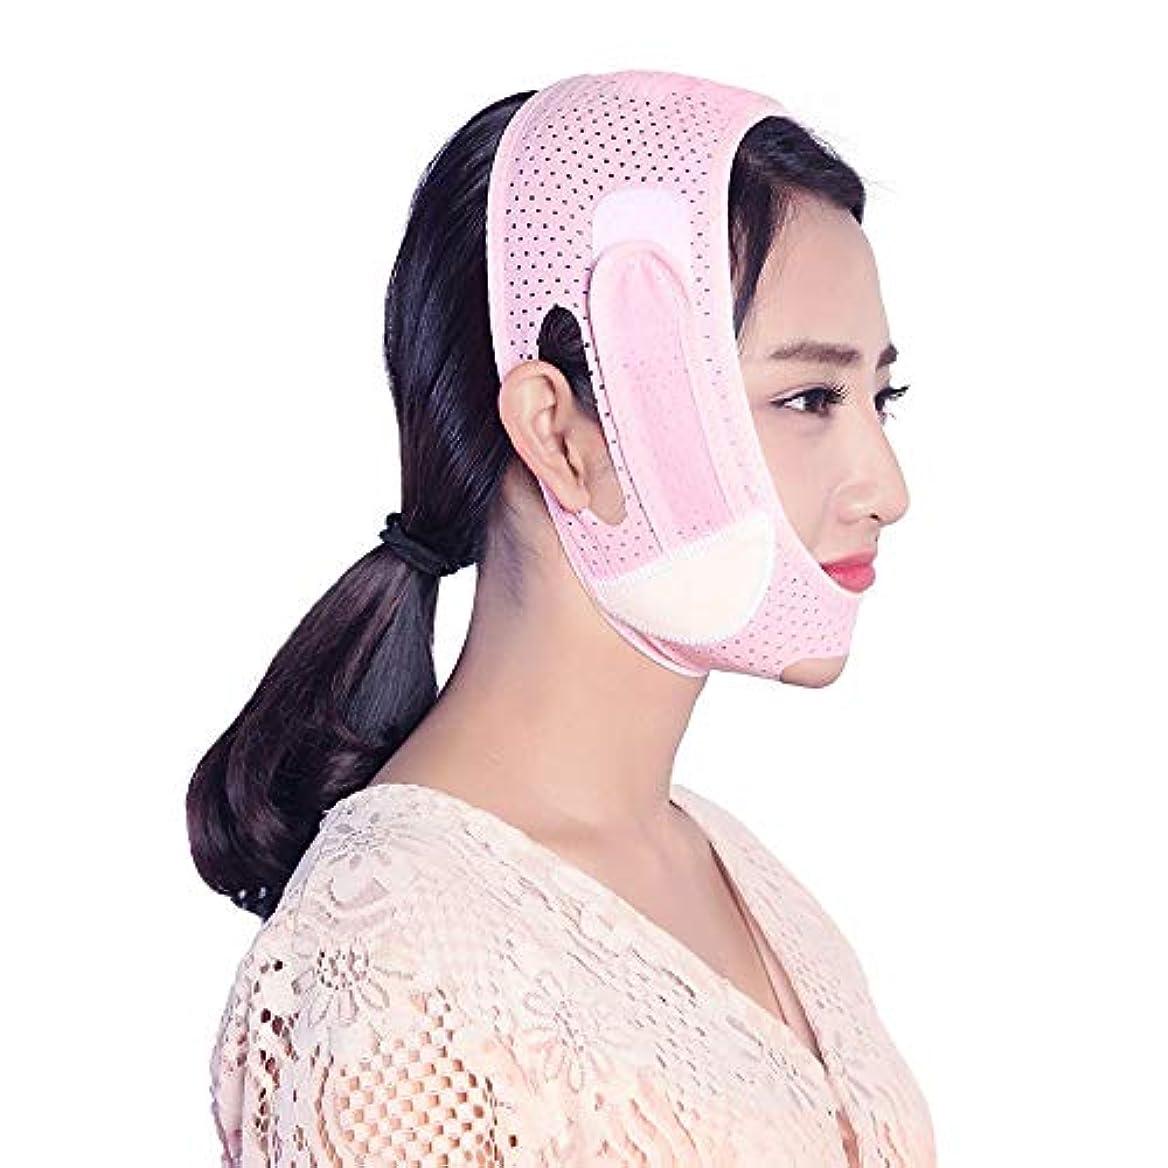 映画格差移植Jia Jia- 睡眠薄い顔パッチ包帯吊り上げプルv顔引き締めどころアーティファクト判決パターン二重あご薄いマッセルマスク - ピンク 顔面包帯